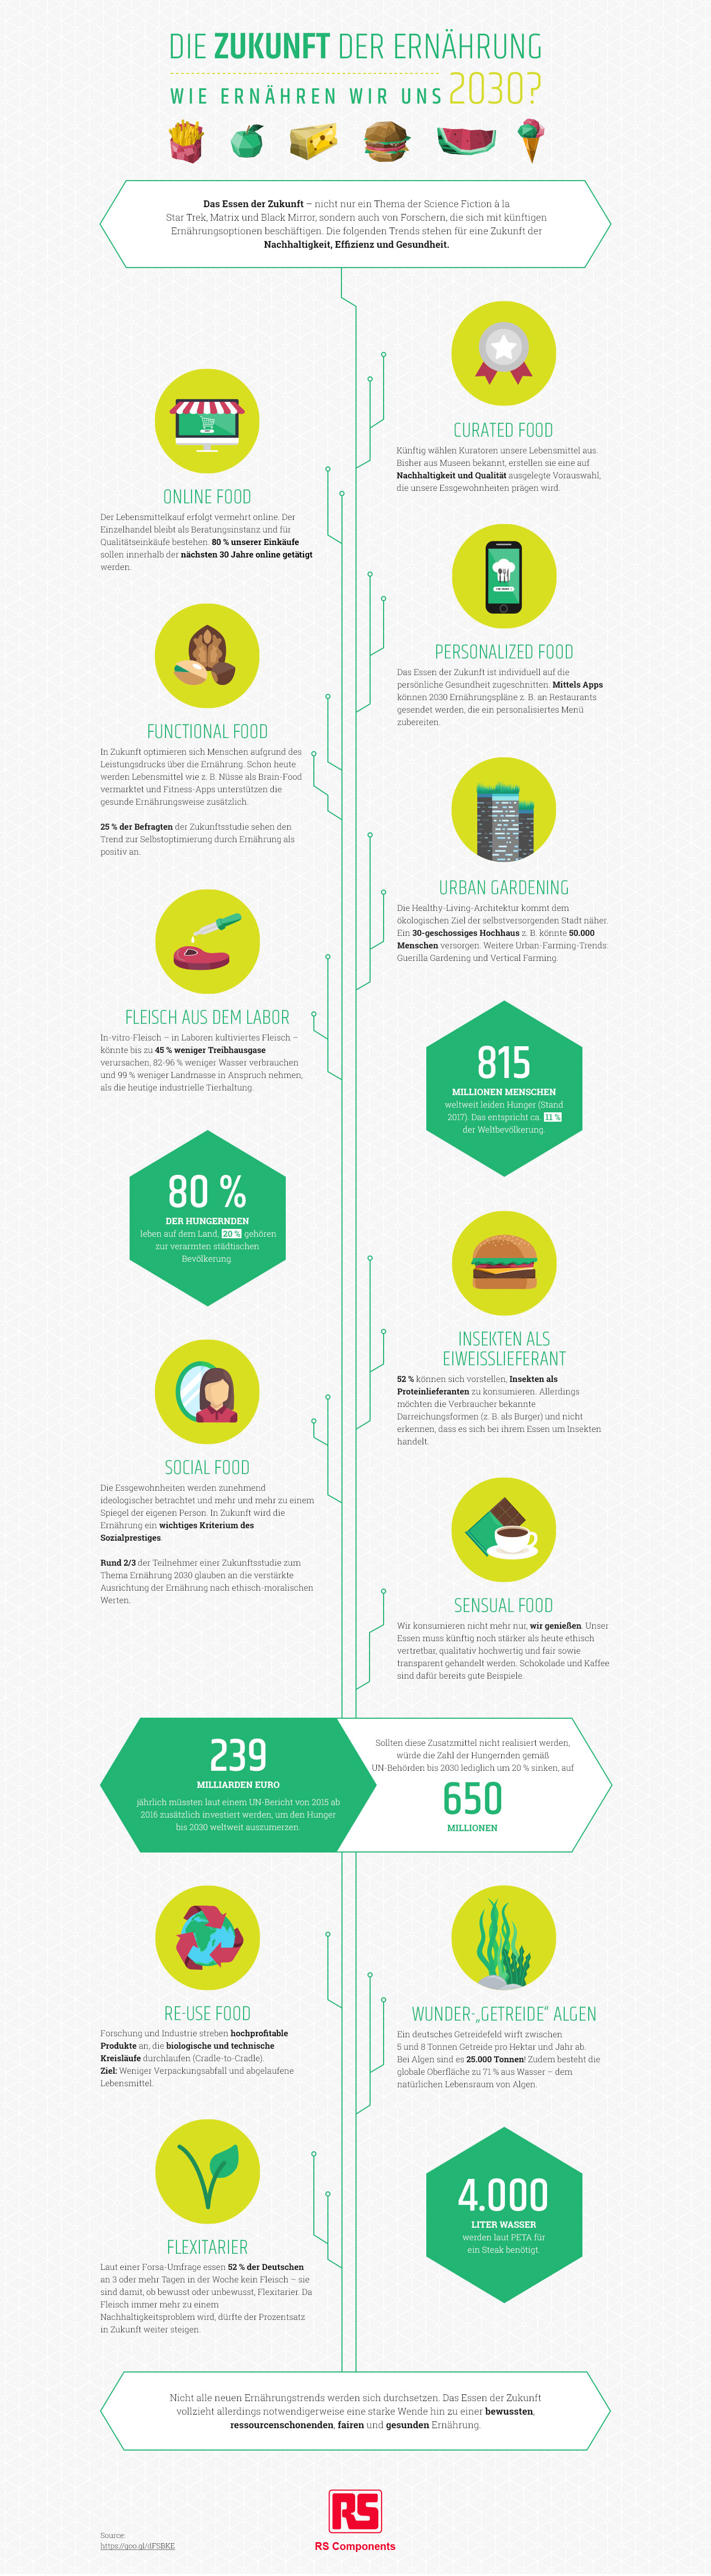 Die Zukunft der Ernährung